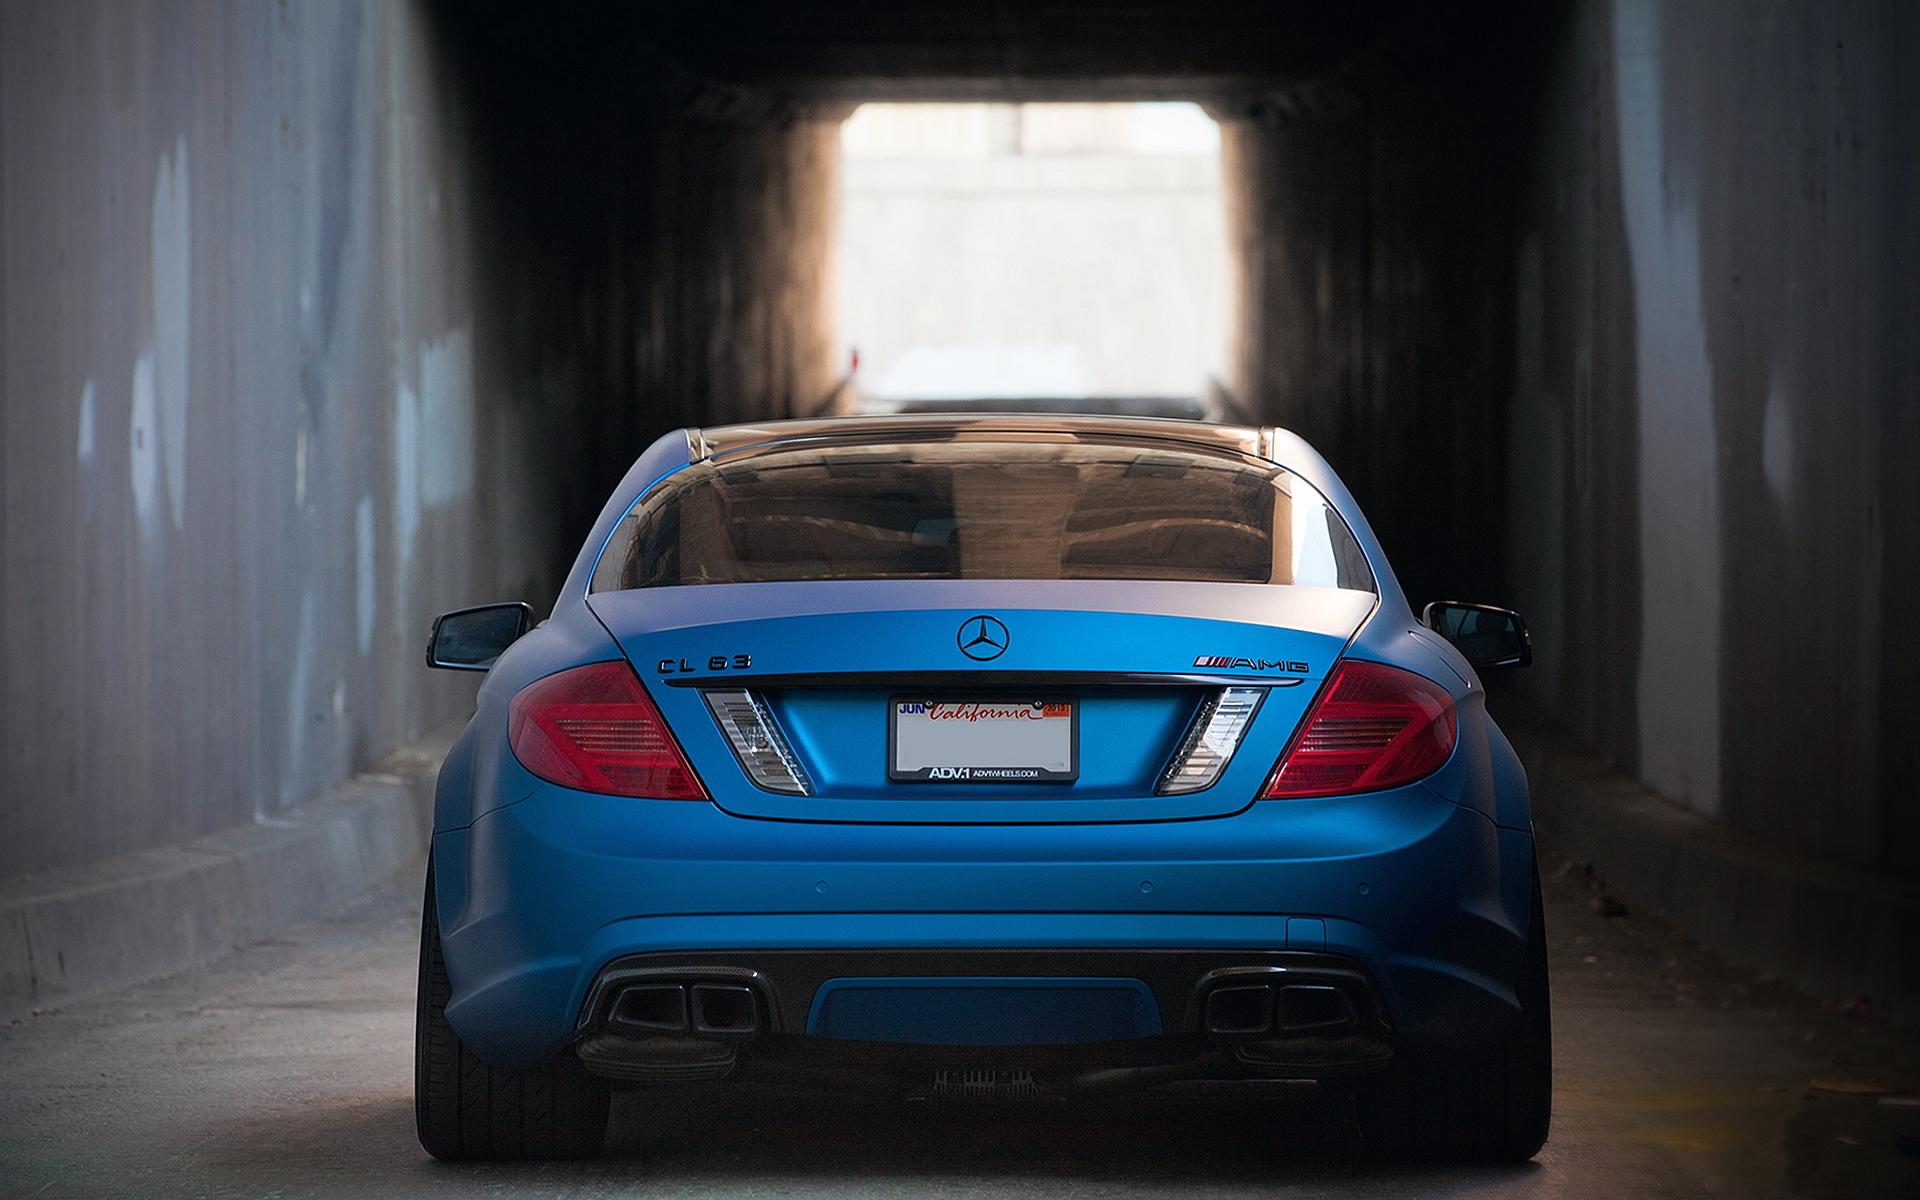 Cl63 amg blue matte